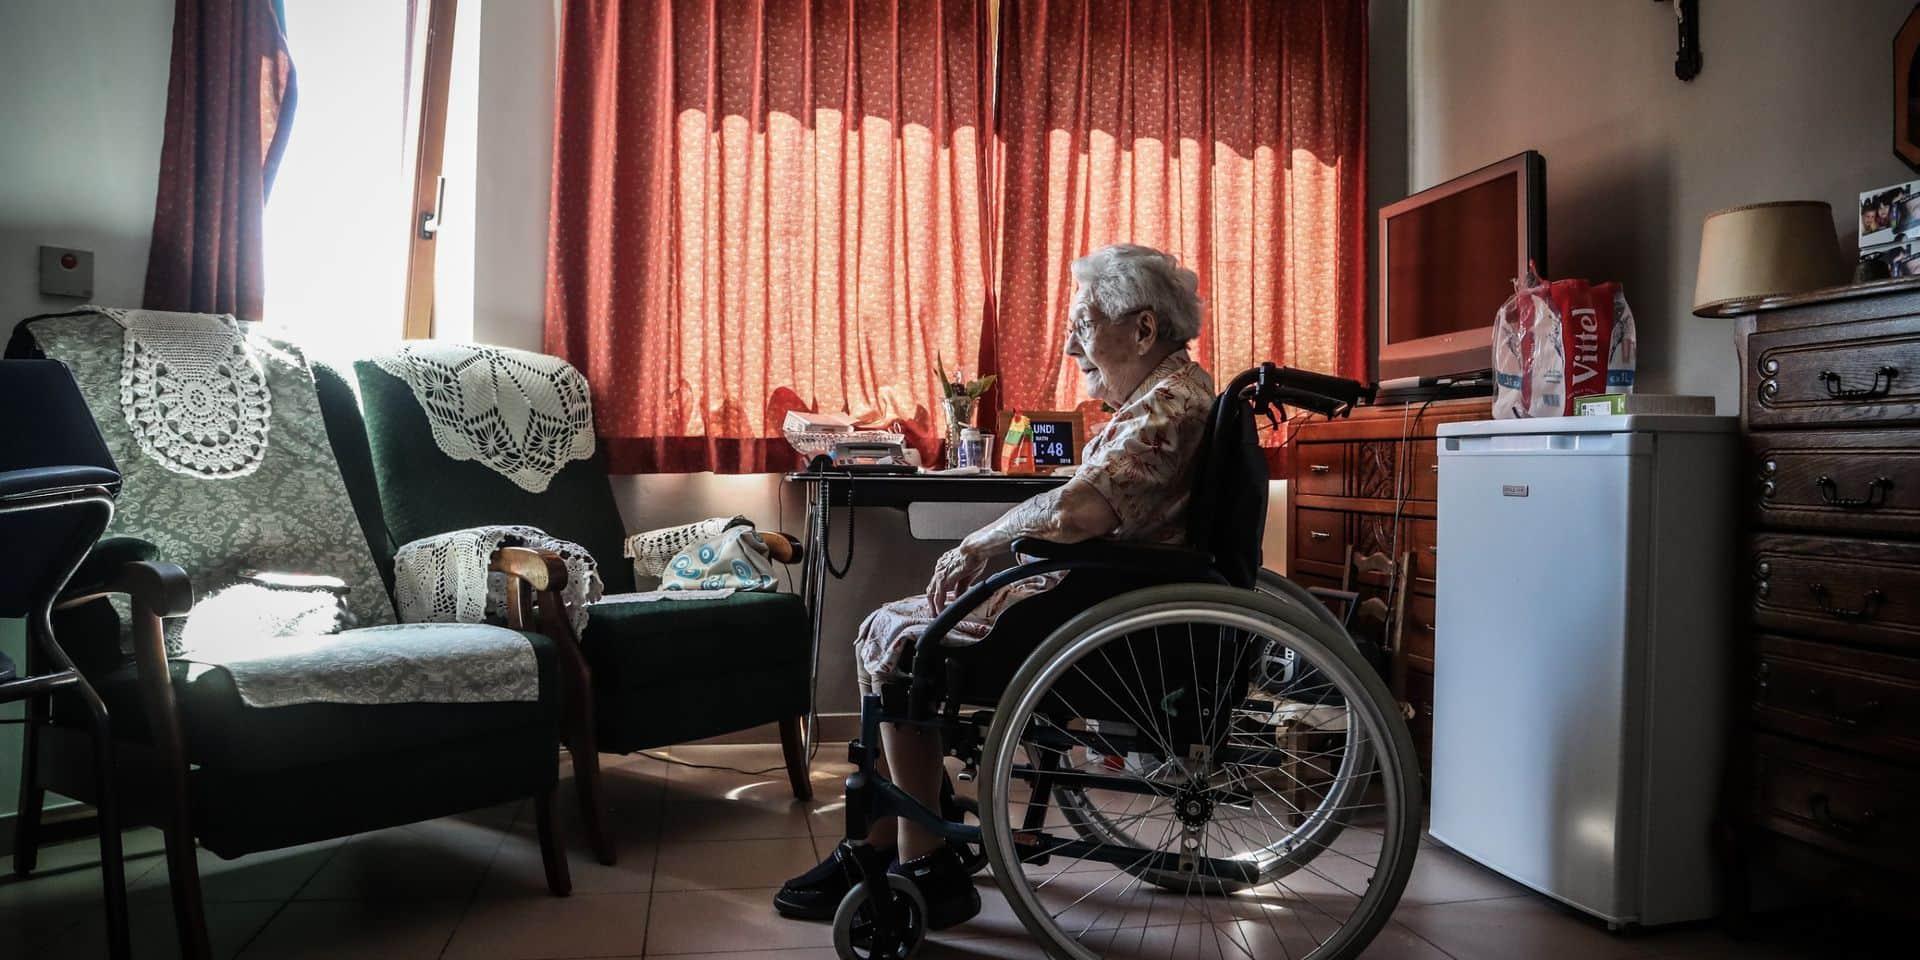 Mons: La deuxième vague touche aussi les maisons de repos